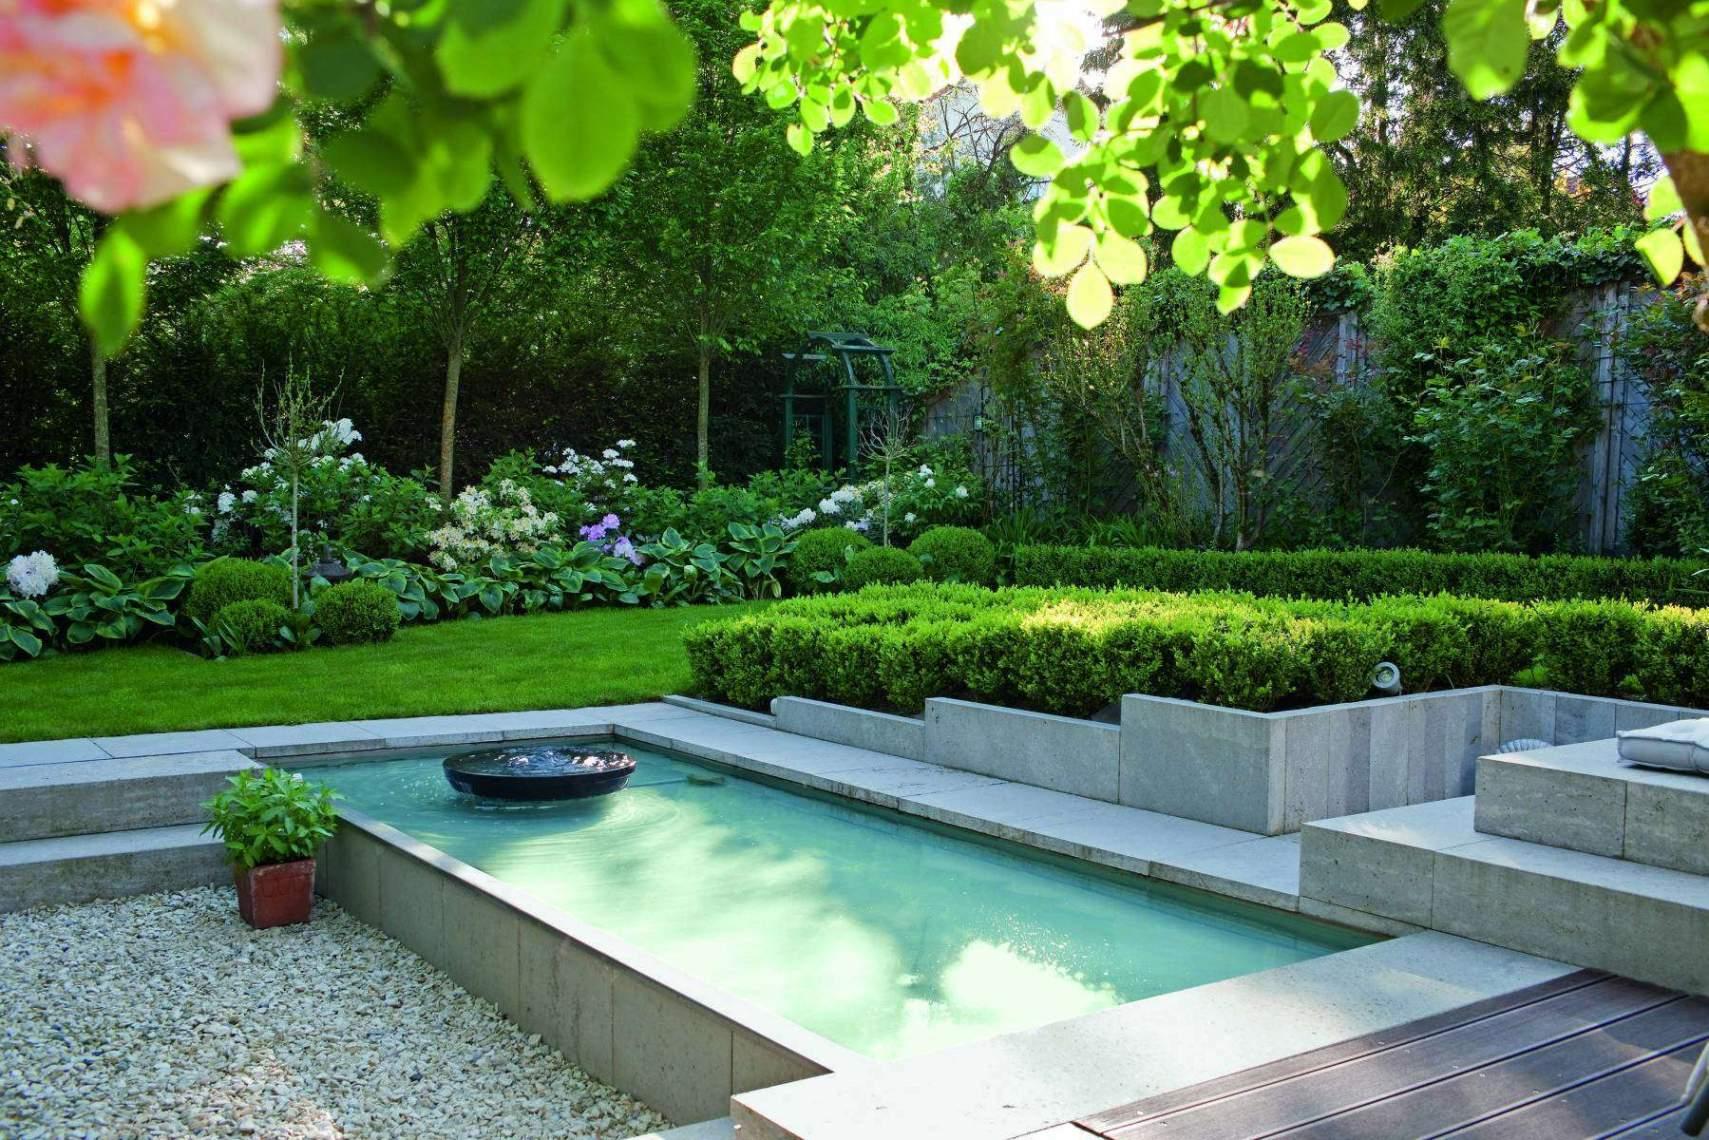 Holzskulpturen Für Den Garten Schön 36 Reizend solarduschen Für Den Garten Inspirierend